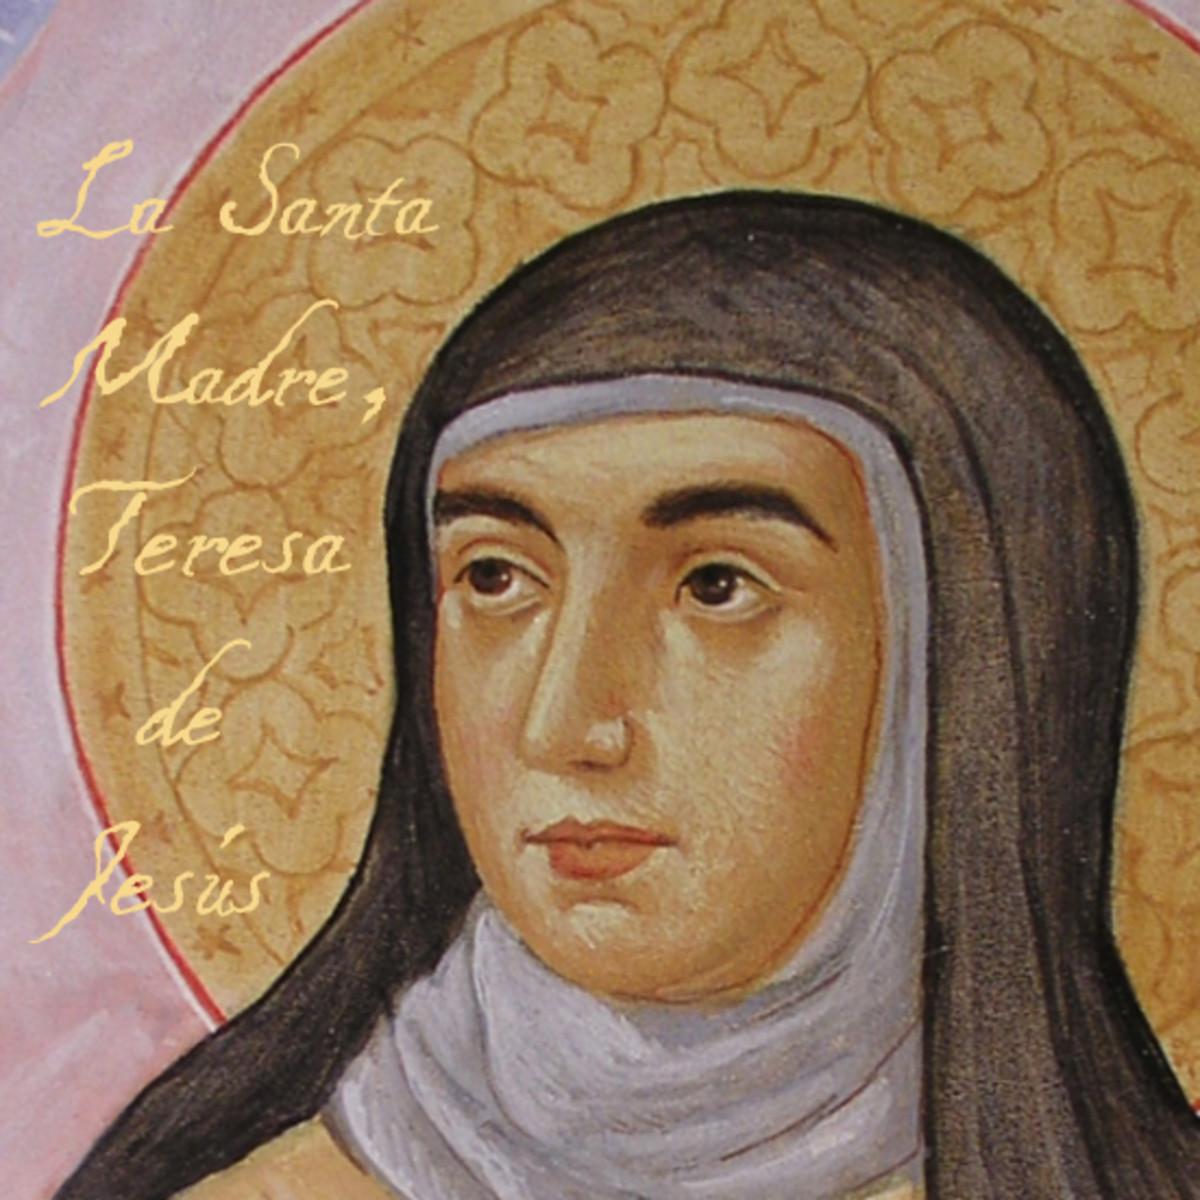 10 Tips on Prayer From St. Teresa of Avila